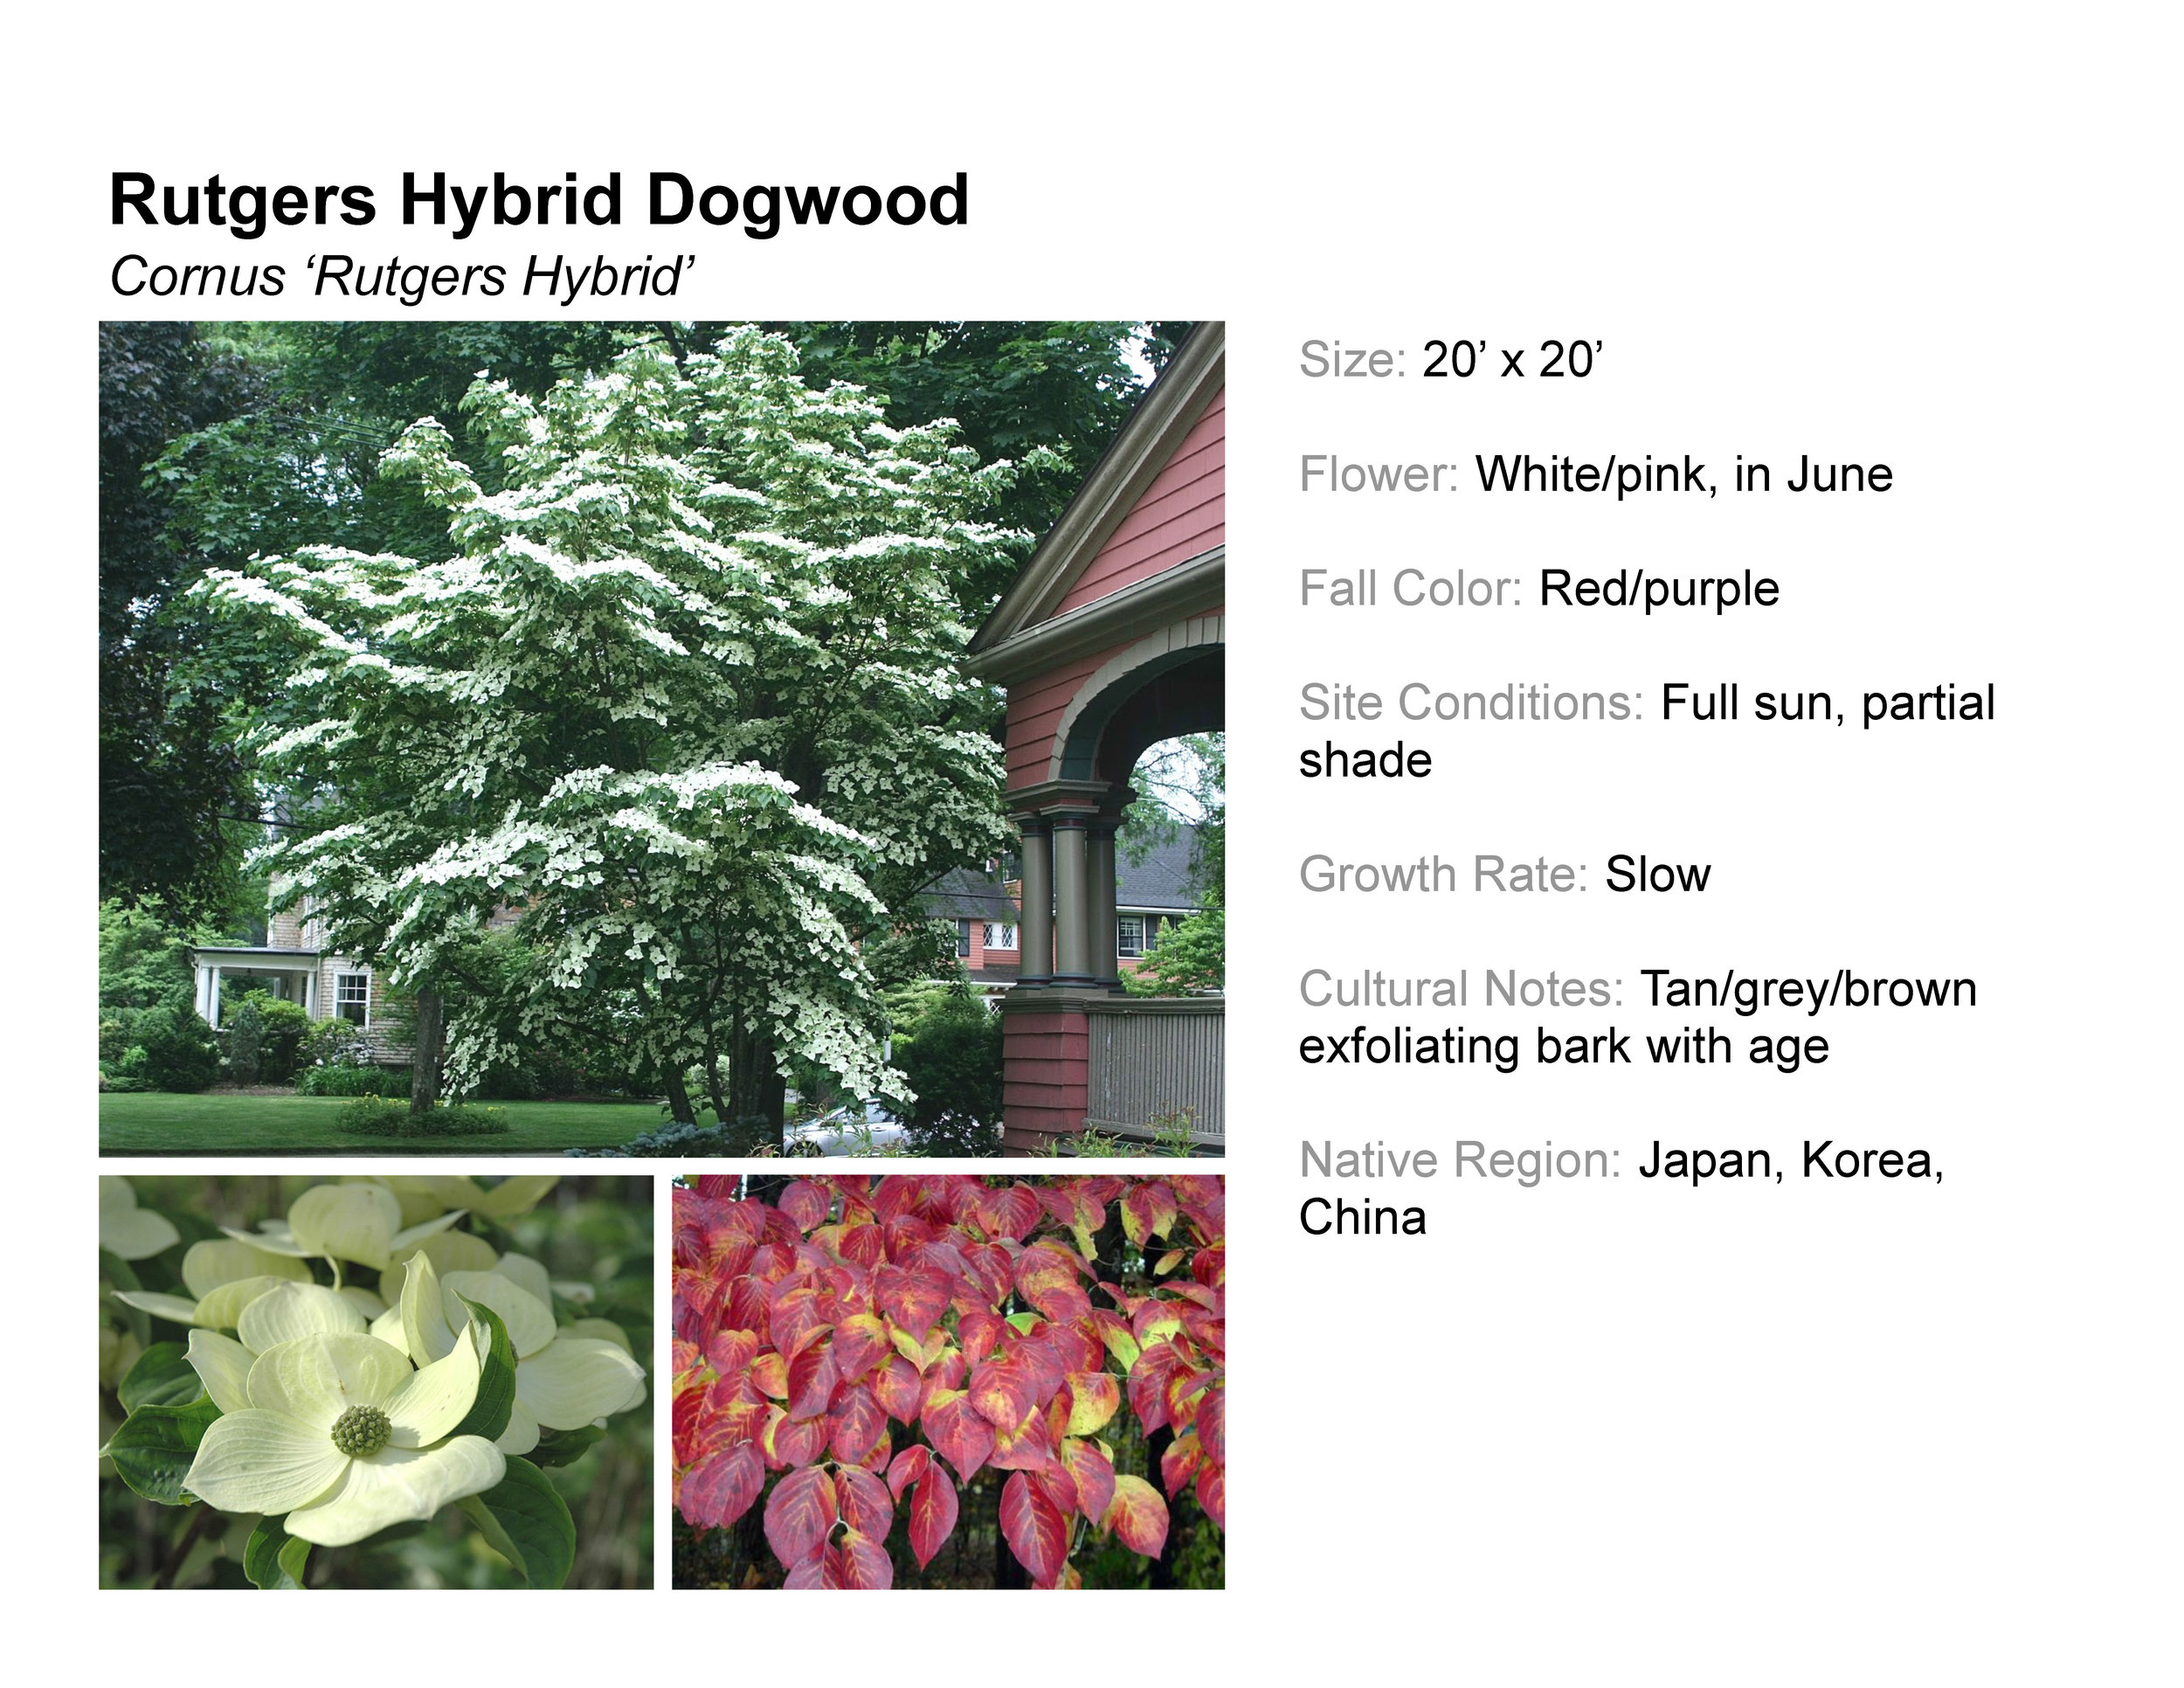 Rutgers Hybrid Dogwood